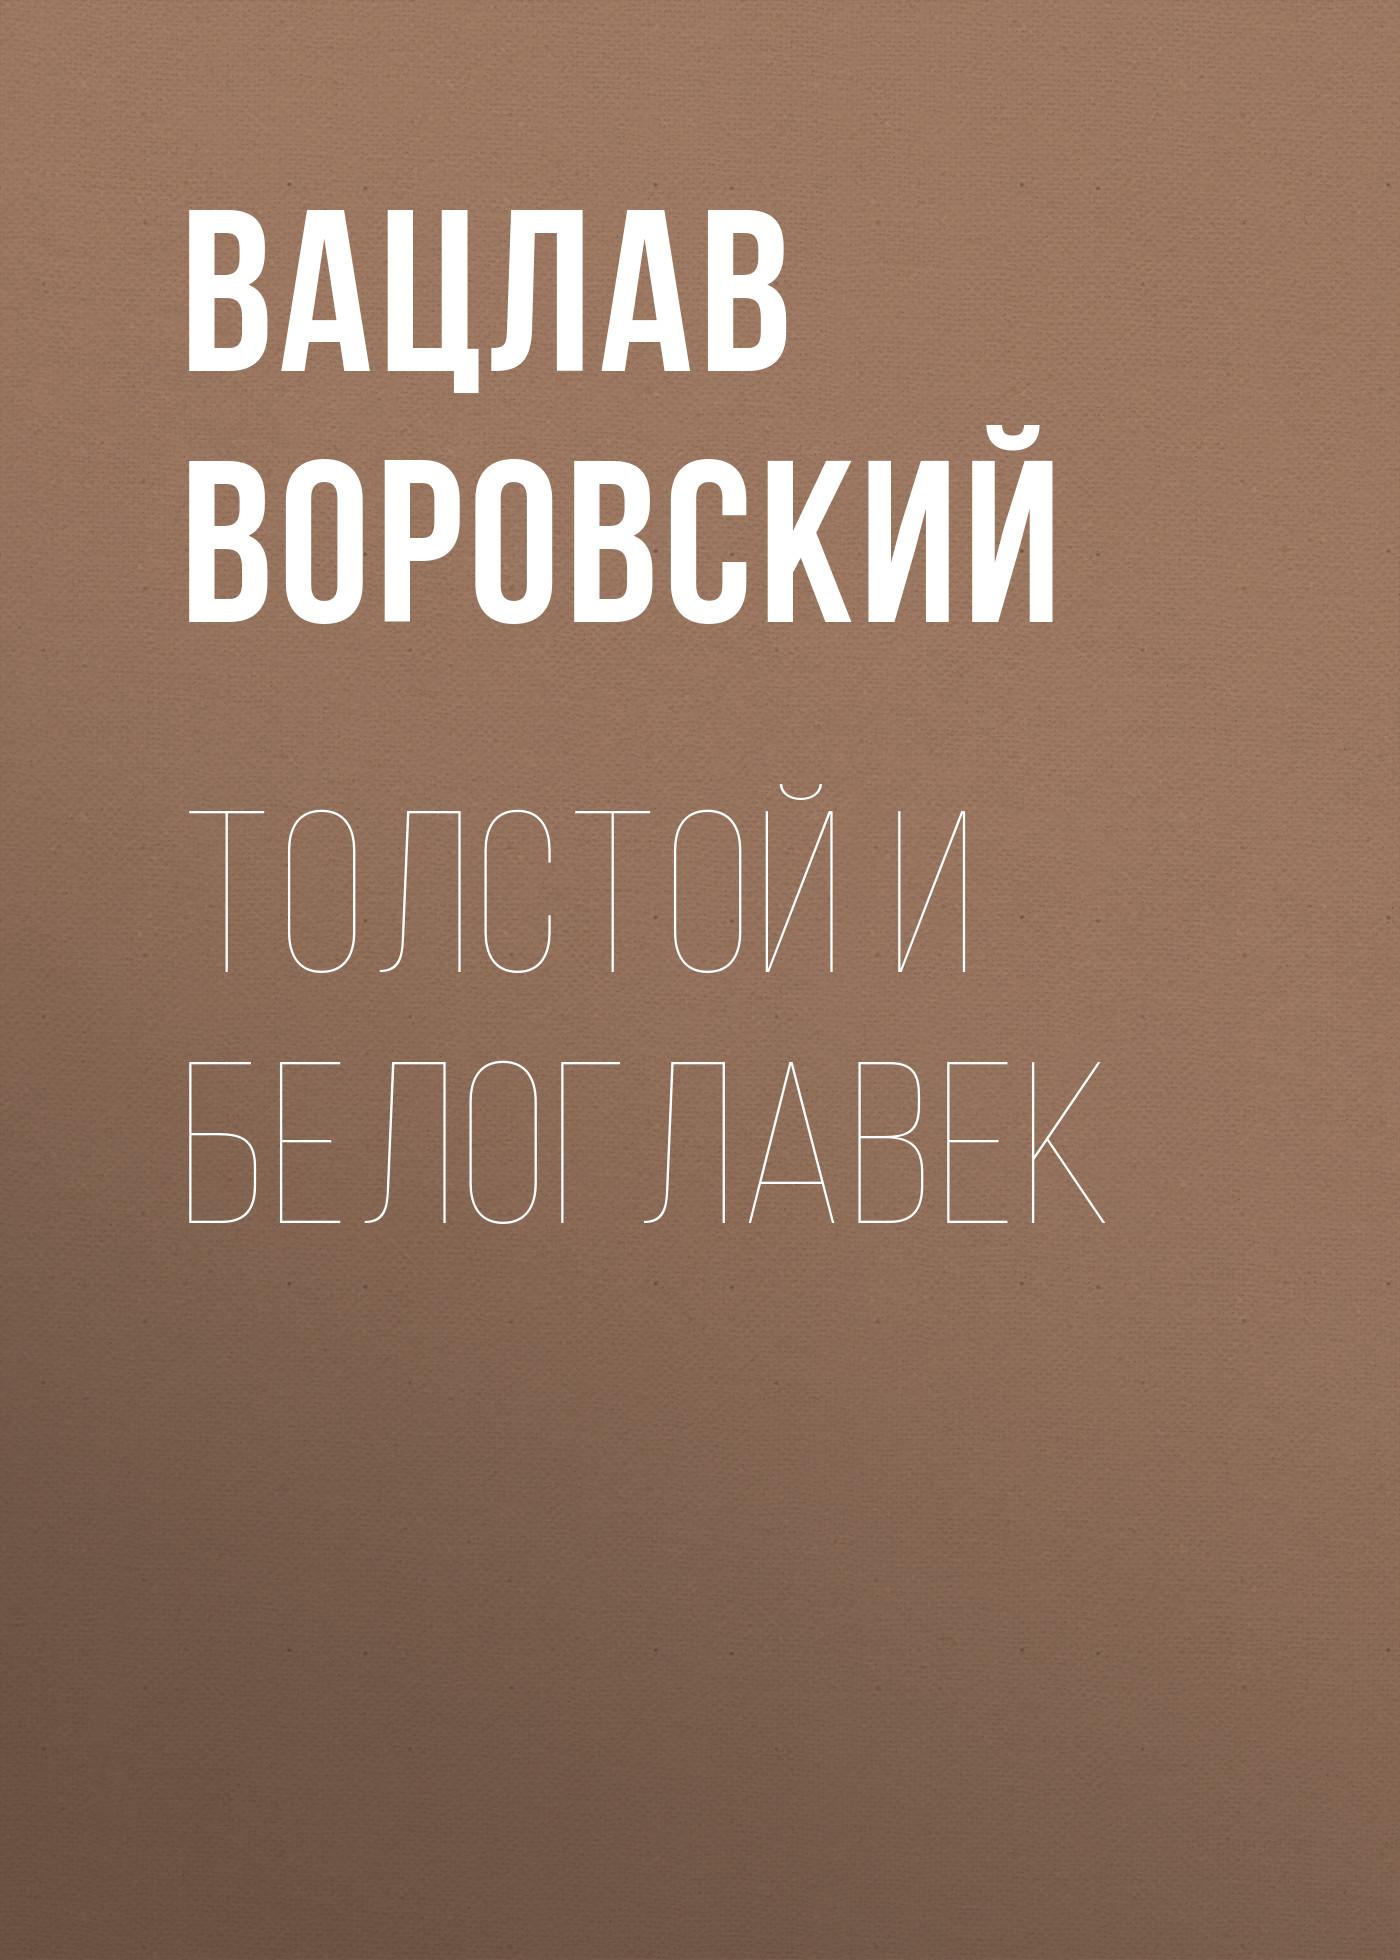 Вацлав Воровский Толстой и Белоглавек вацлав воровский цыпочка